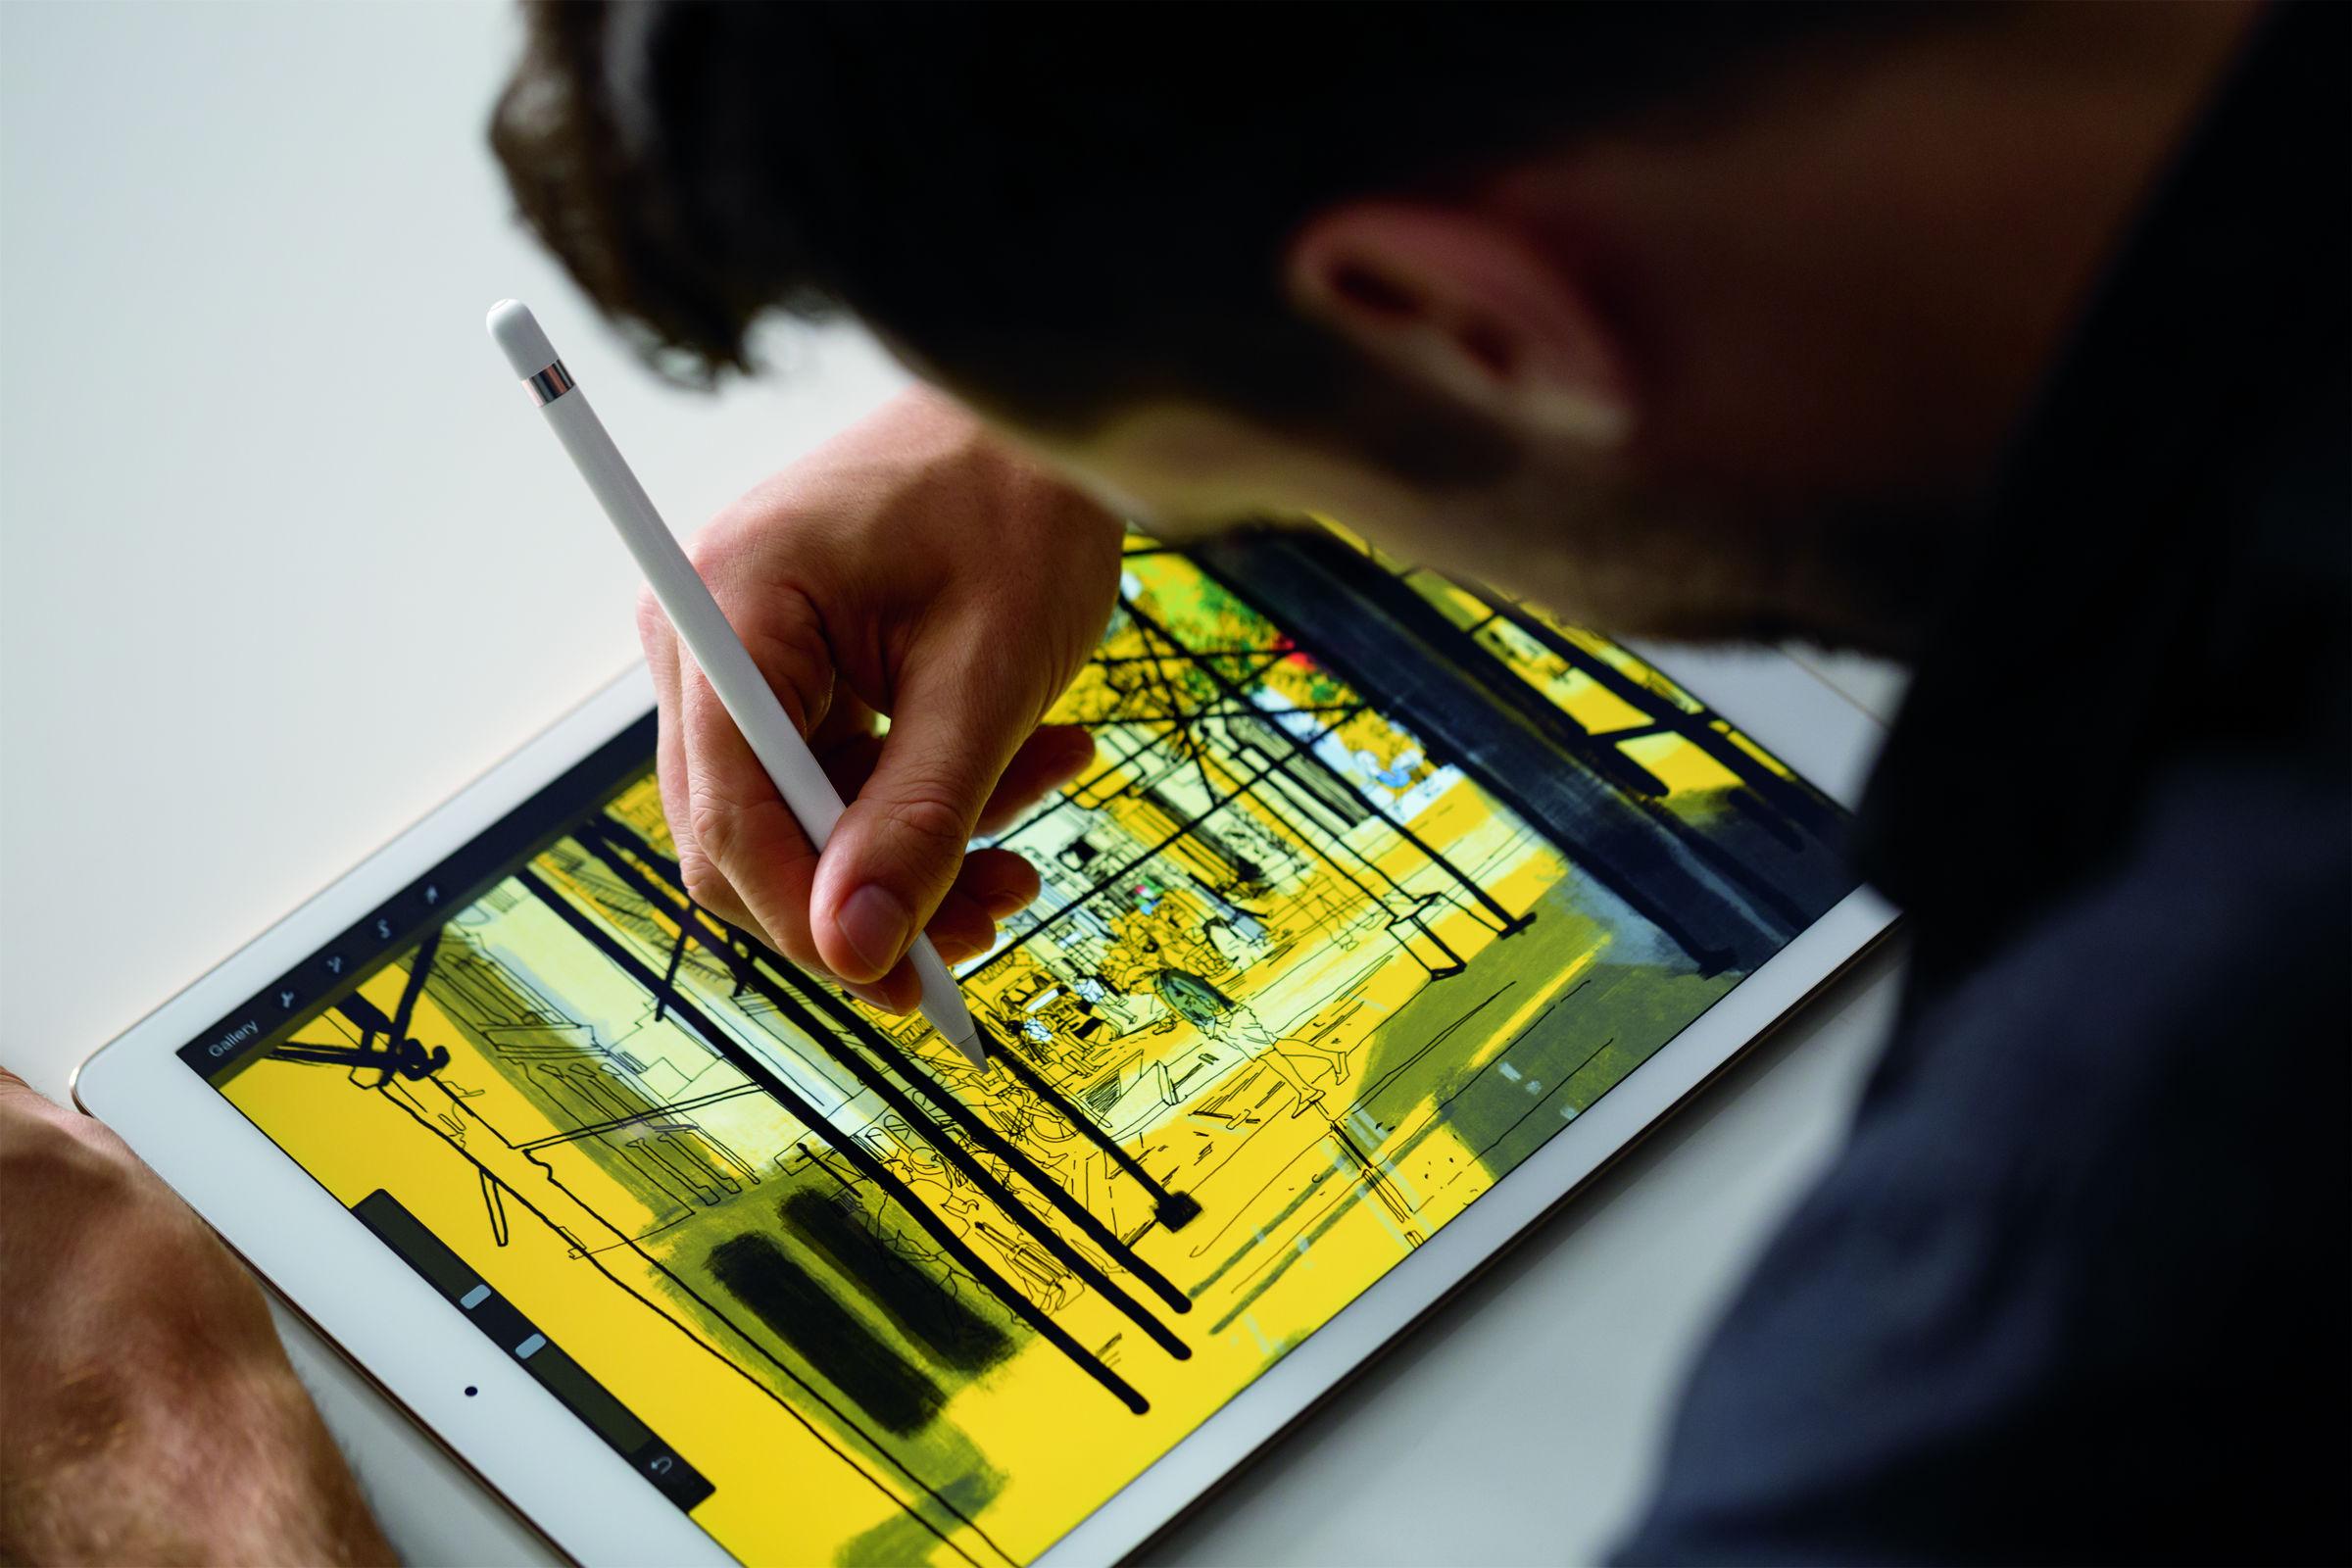 نگاهی دقیقتر به قلم اپل; Apple Pencil ابزاری که تاکنون در اختیار هنرمندان نبوده است